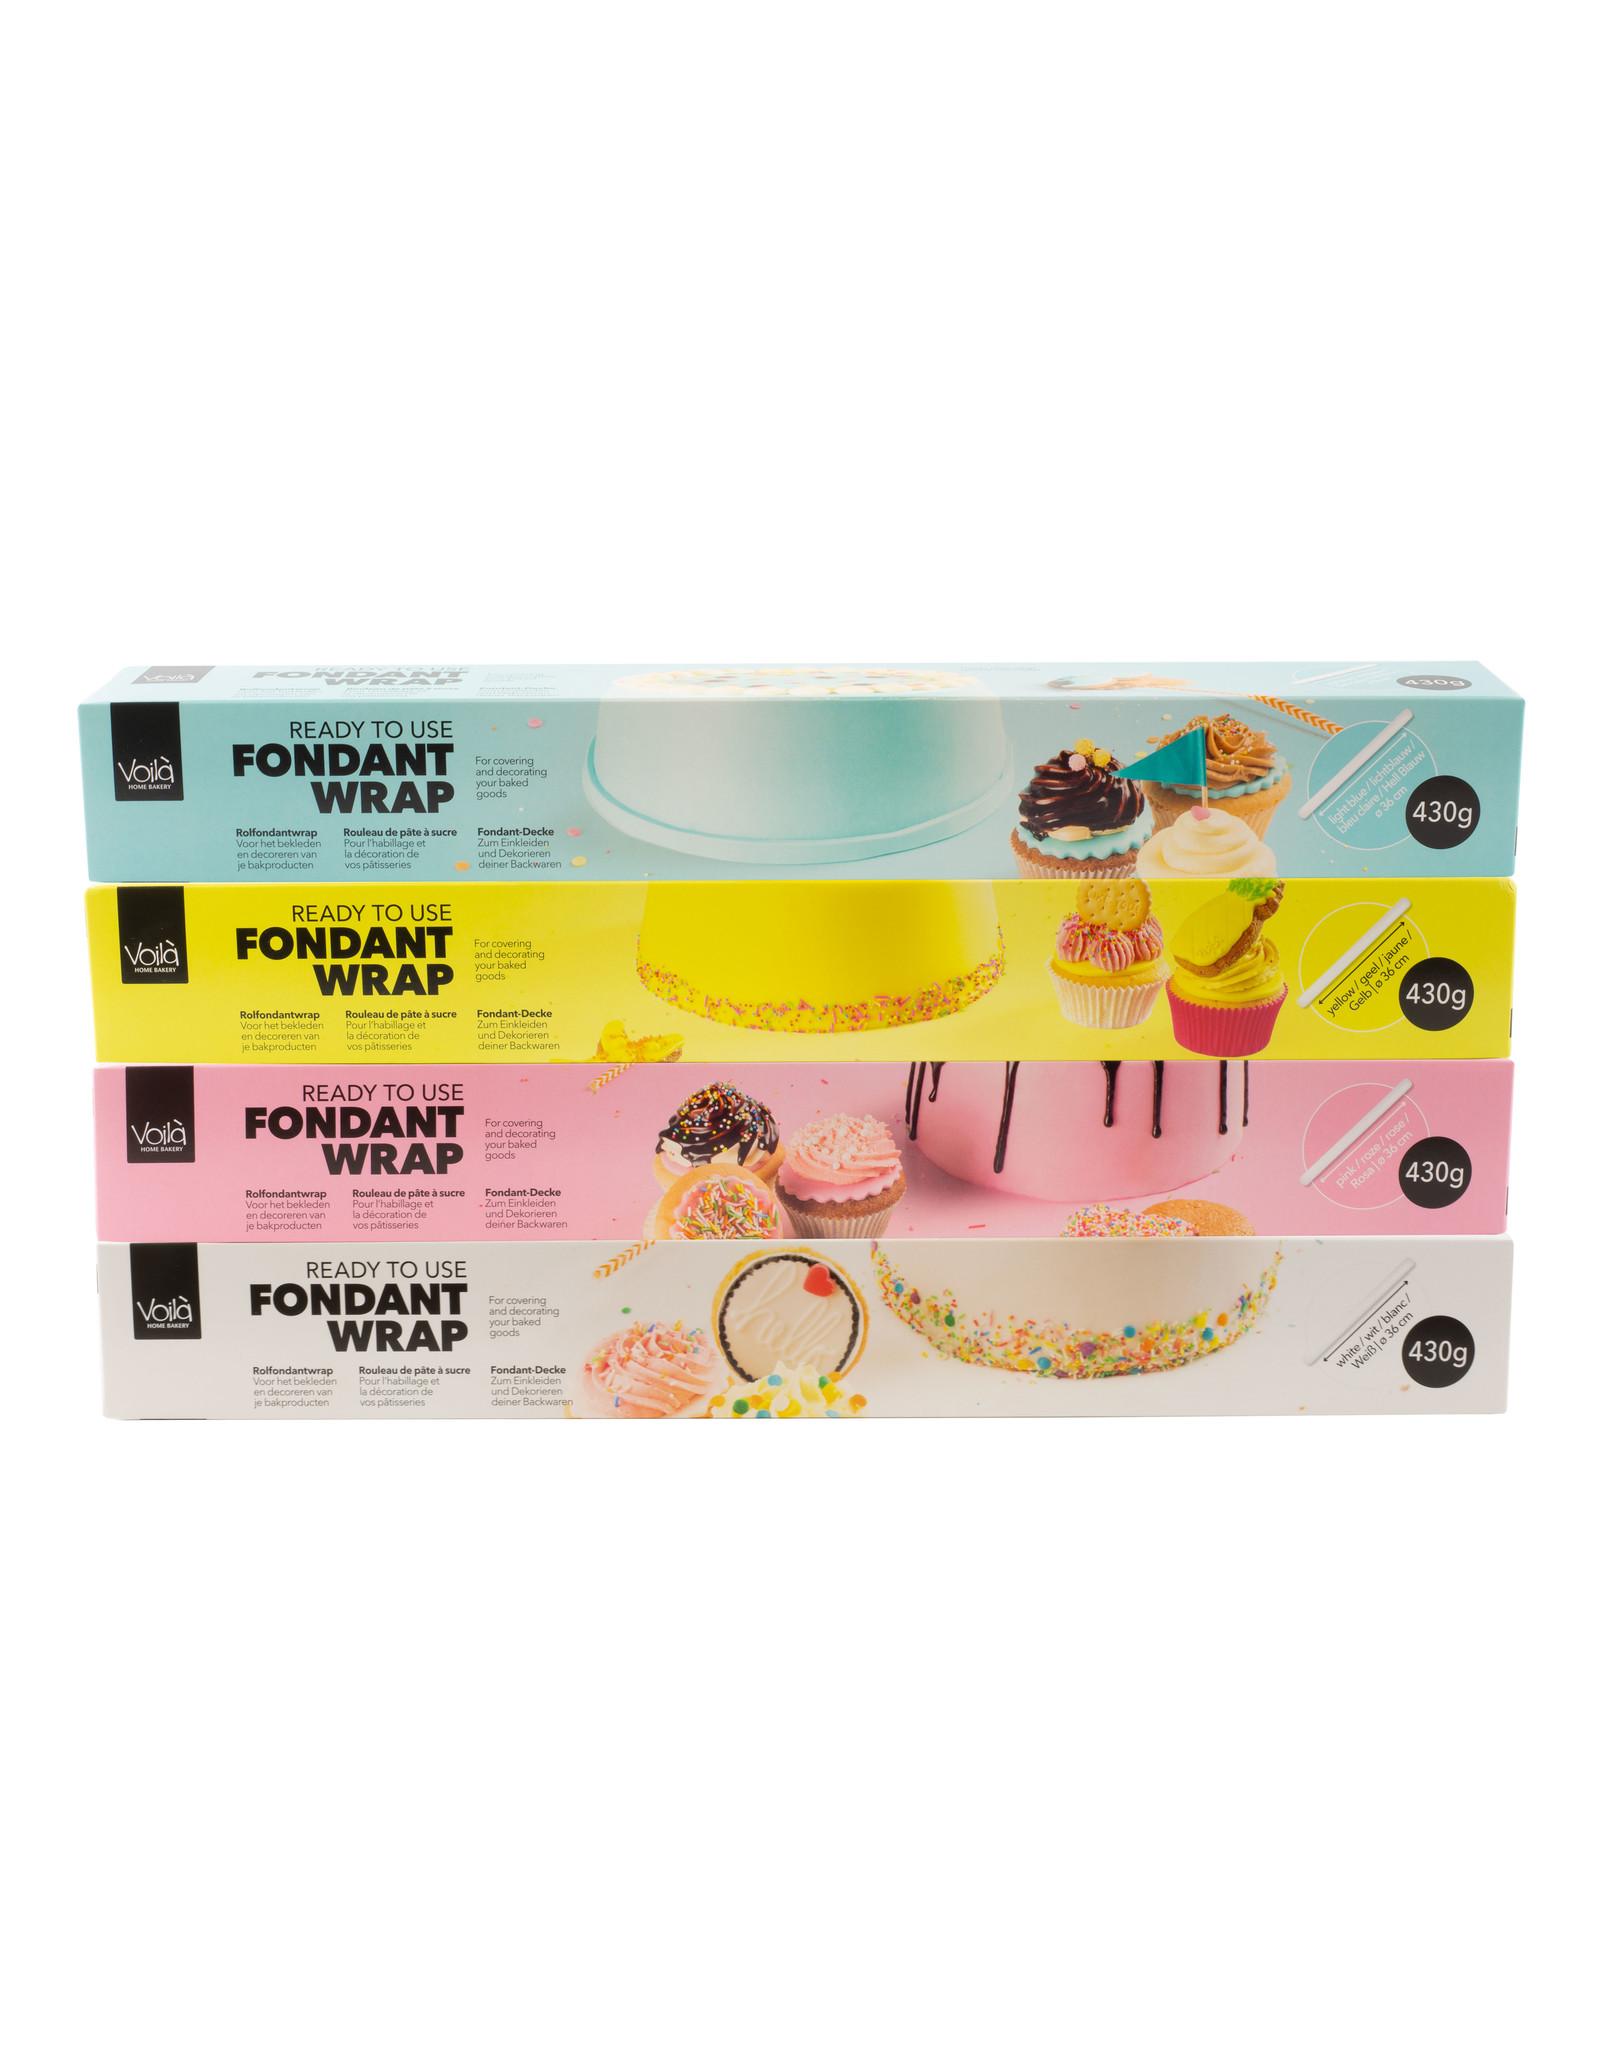 VOILA Home Bakery Voila Uitgerolde rolfondant-wrap roze Voordeelverpakking - 6x 430 gram omdoos (2,58 KG)